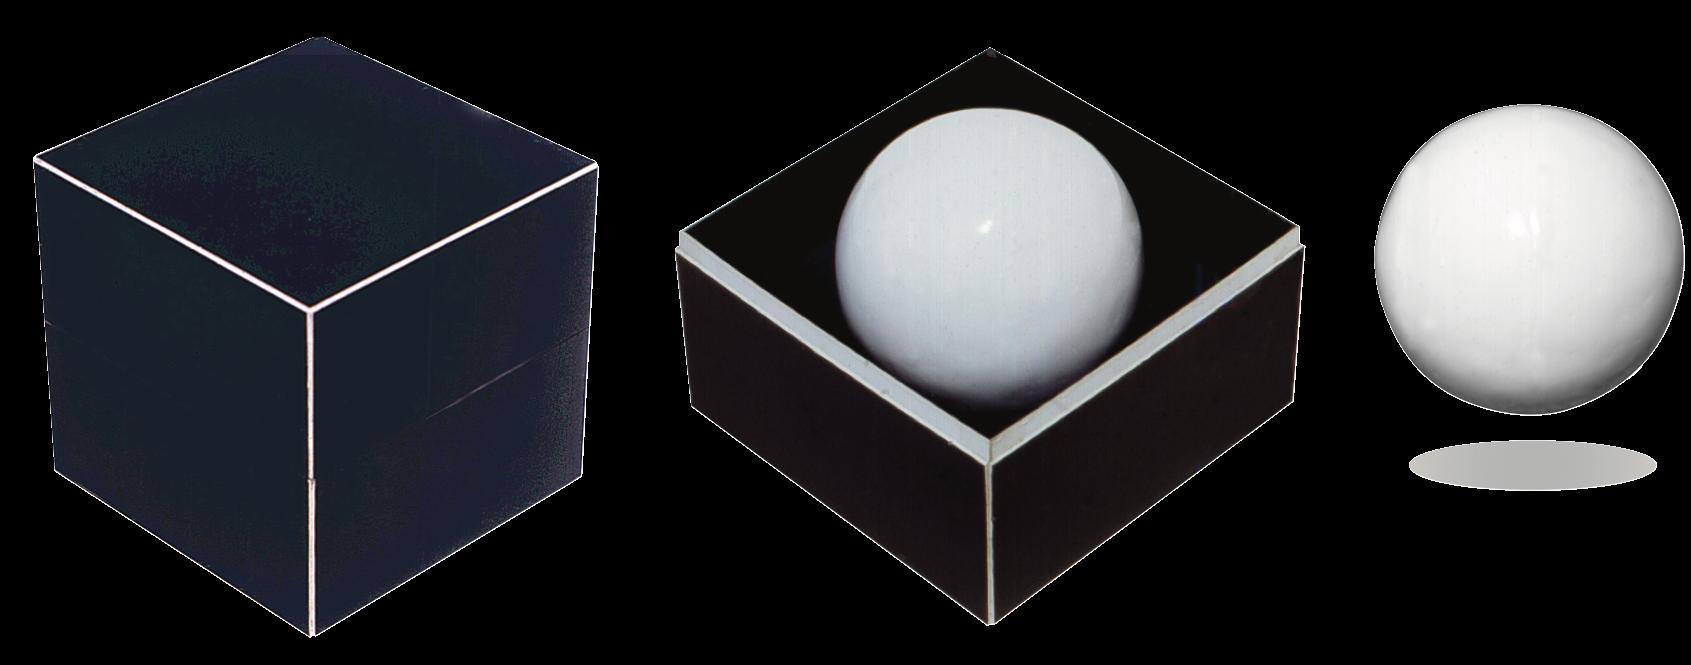 John and Yoko Imagine Cube Orb